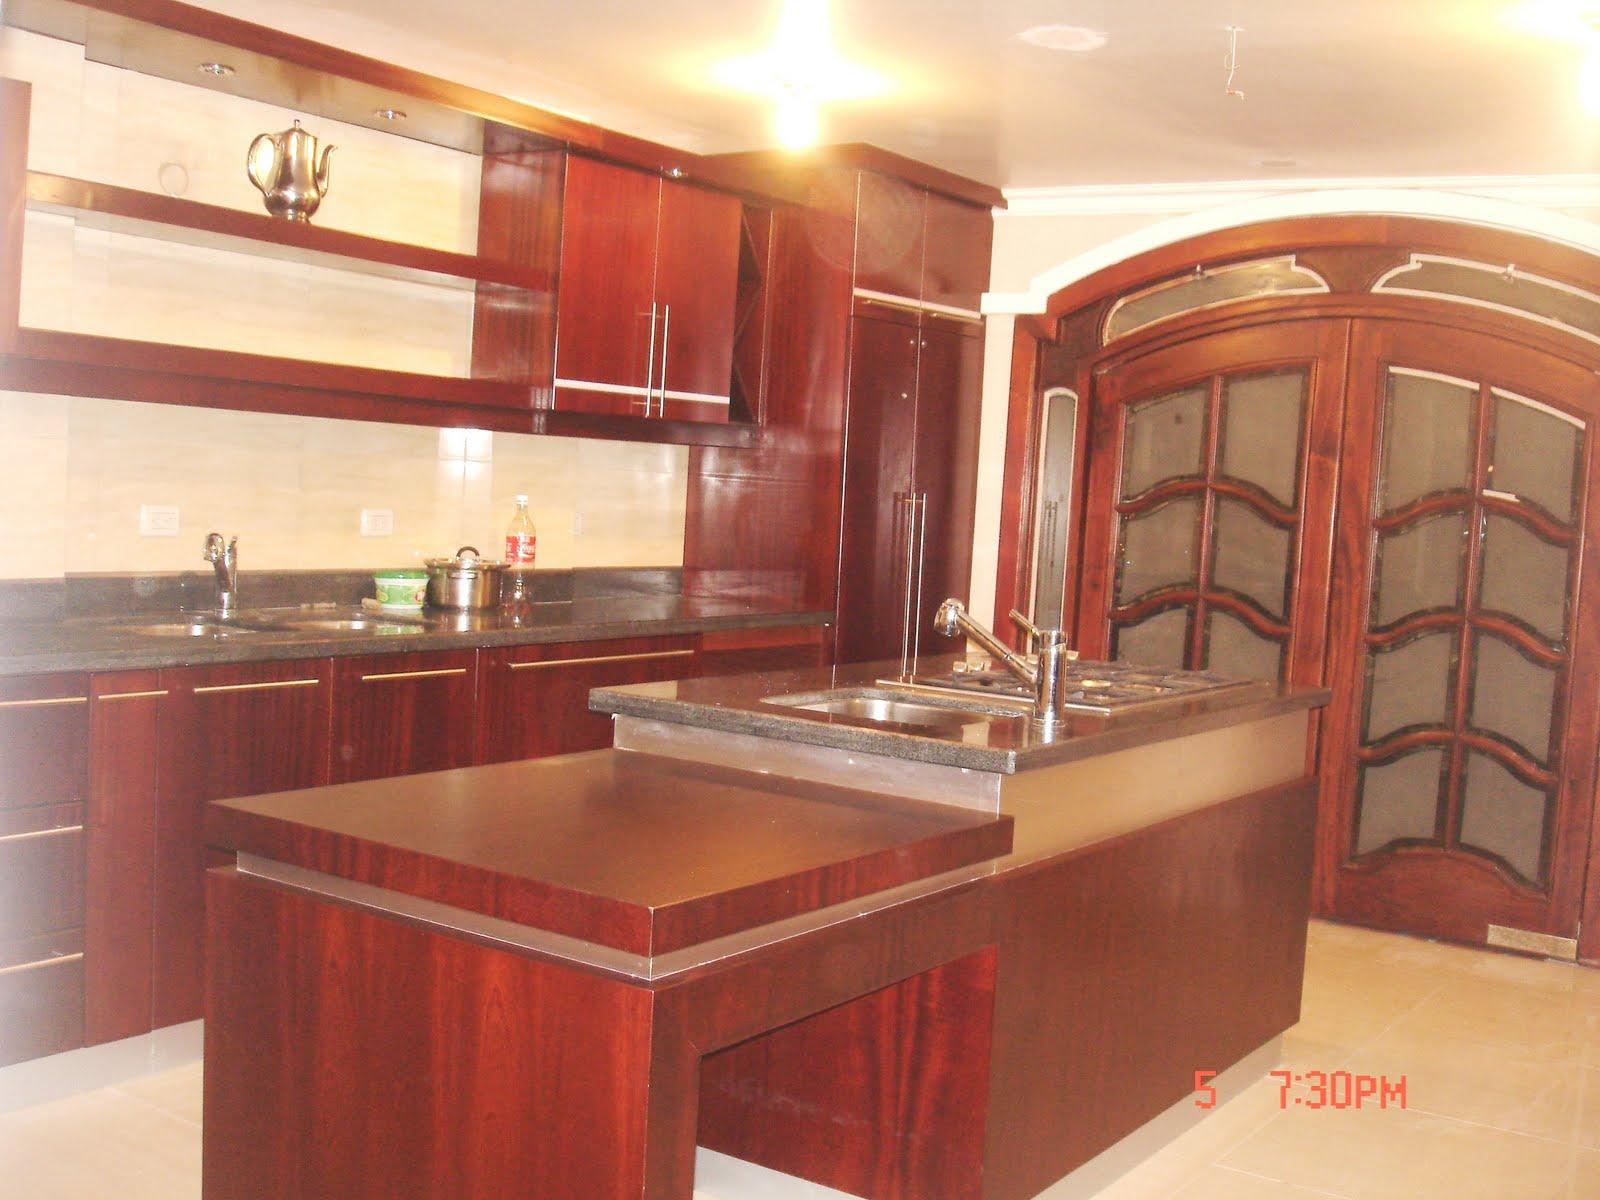 Ideatumobiliario muebles de cocina for Muebles prefabricados para cocina